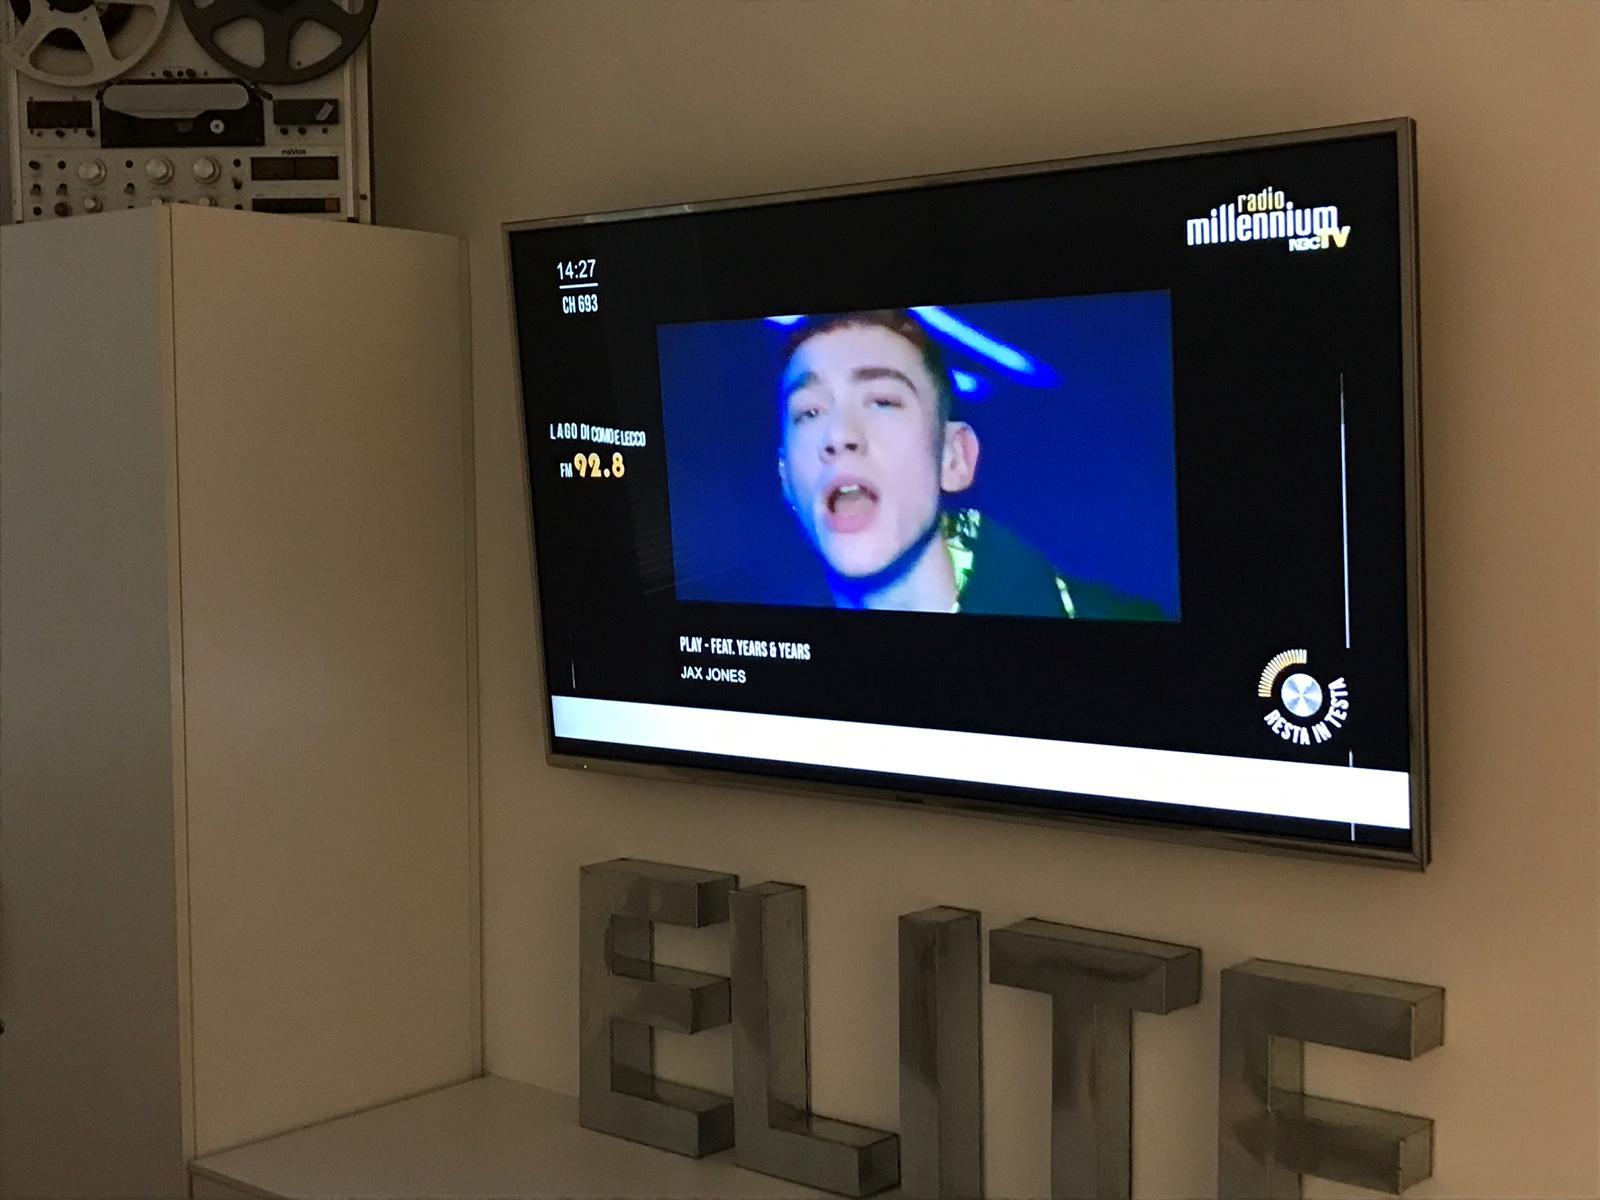 Radio Millennium Tv 693 televisore - Radio Tv 4.0. La visual radio DTT crea indotto: gli studi di produzione ne prendono atto e nascono servizi ad hoc. Ma c'e' bisogno anche di nuove figure professionali